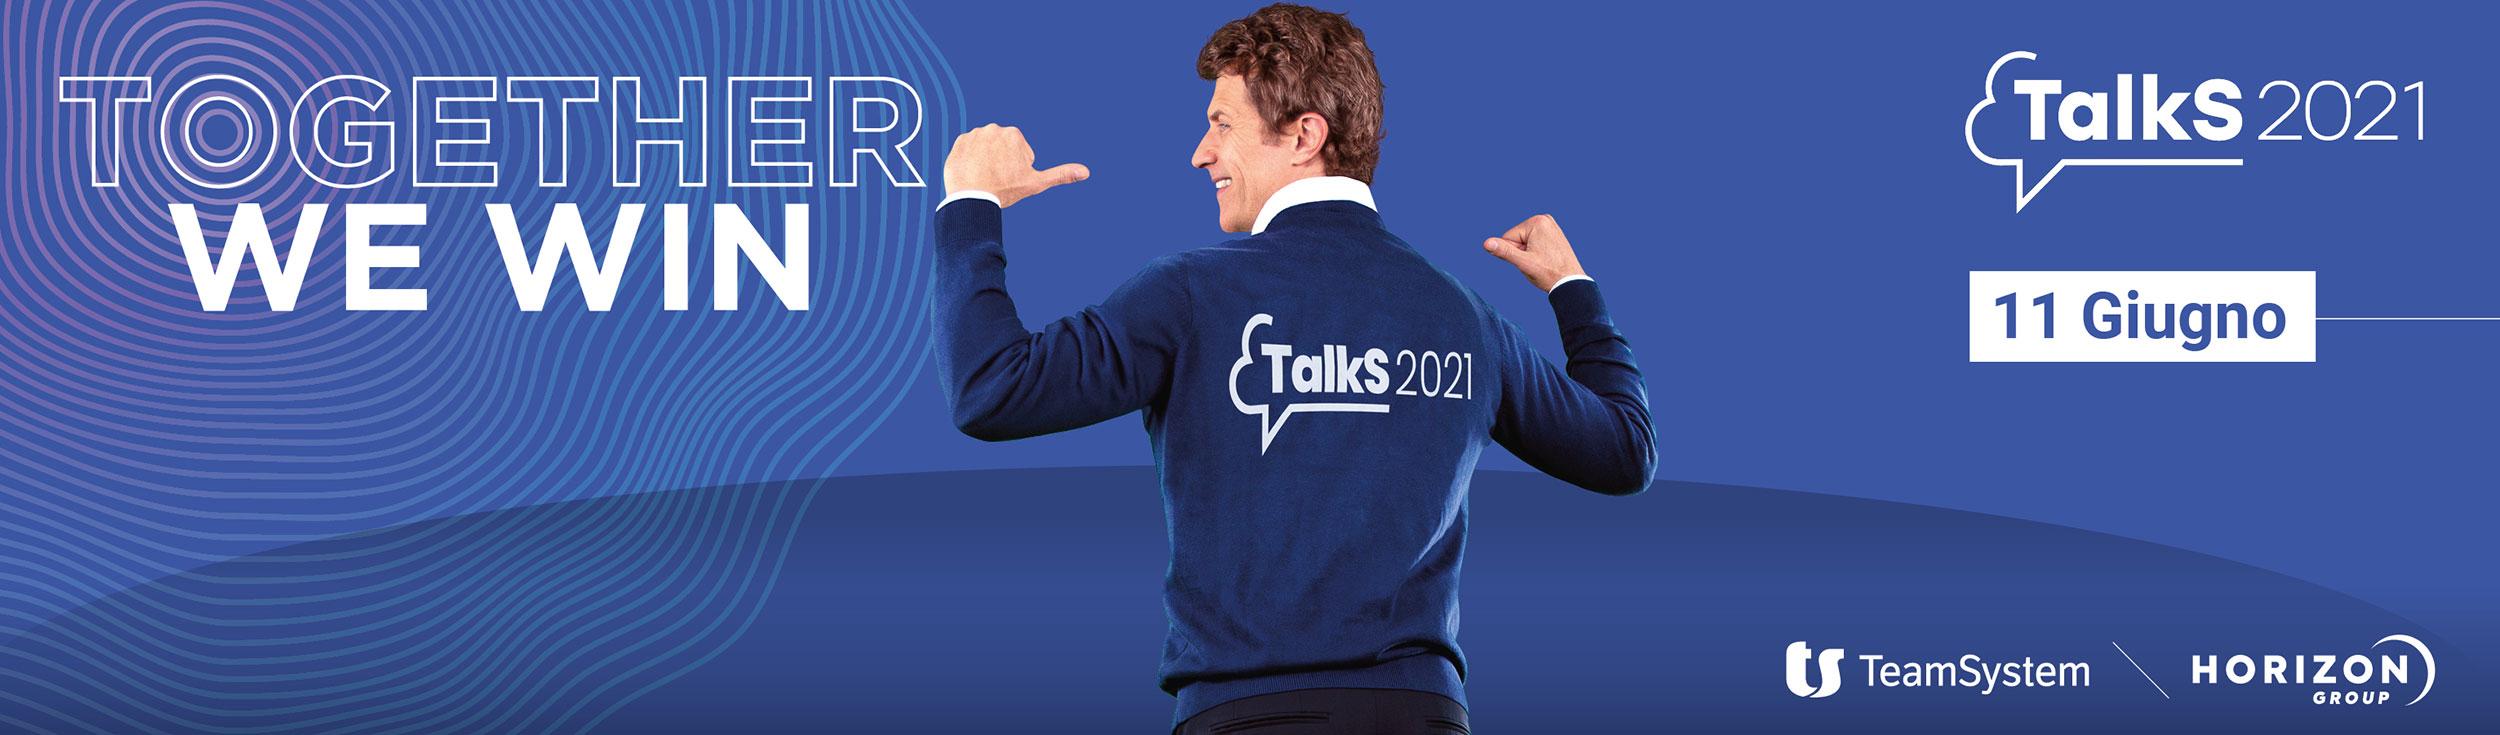 banner-horizon-talks2021